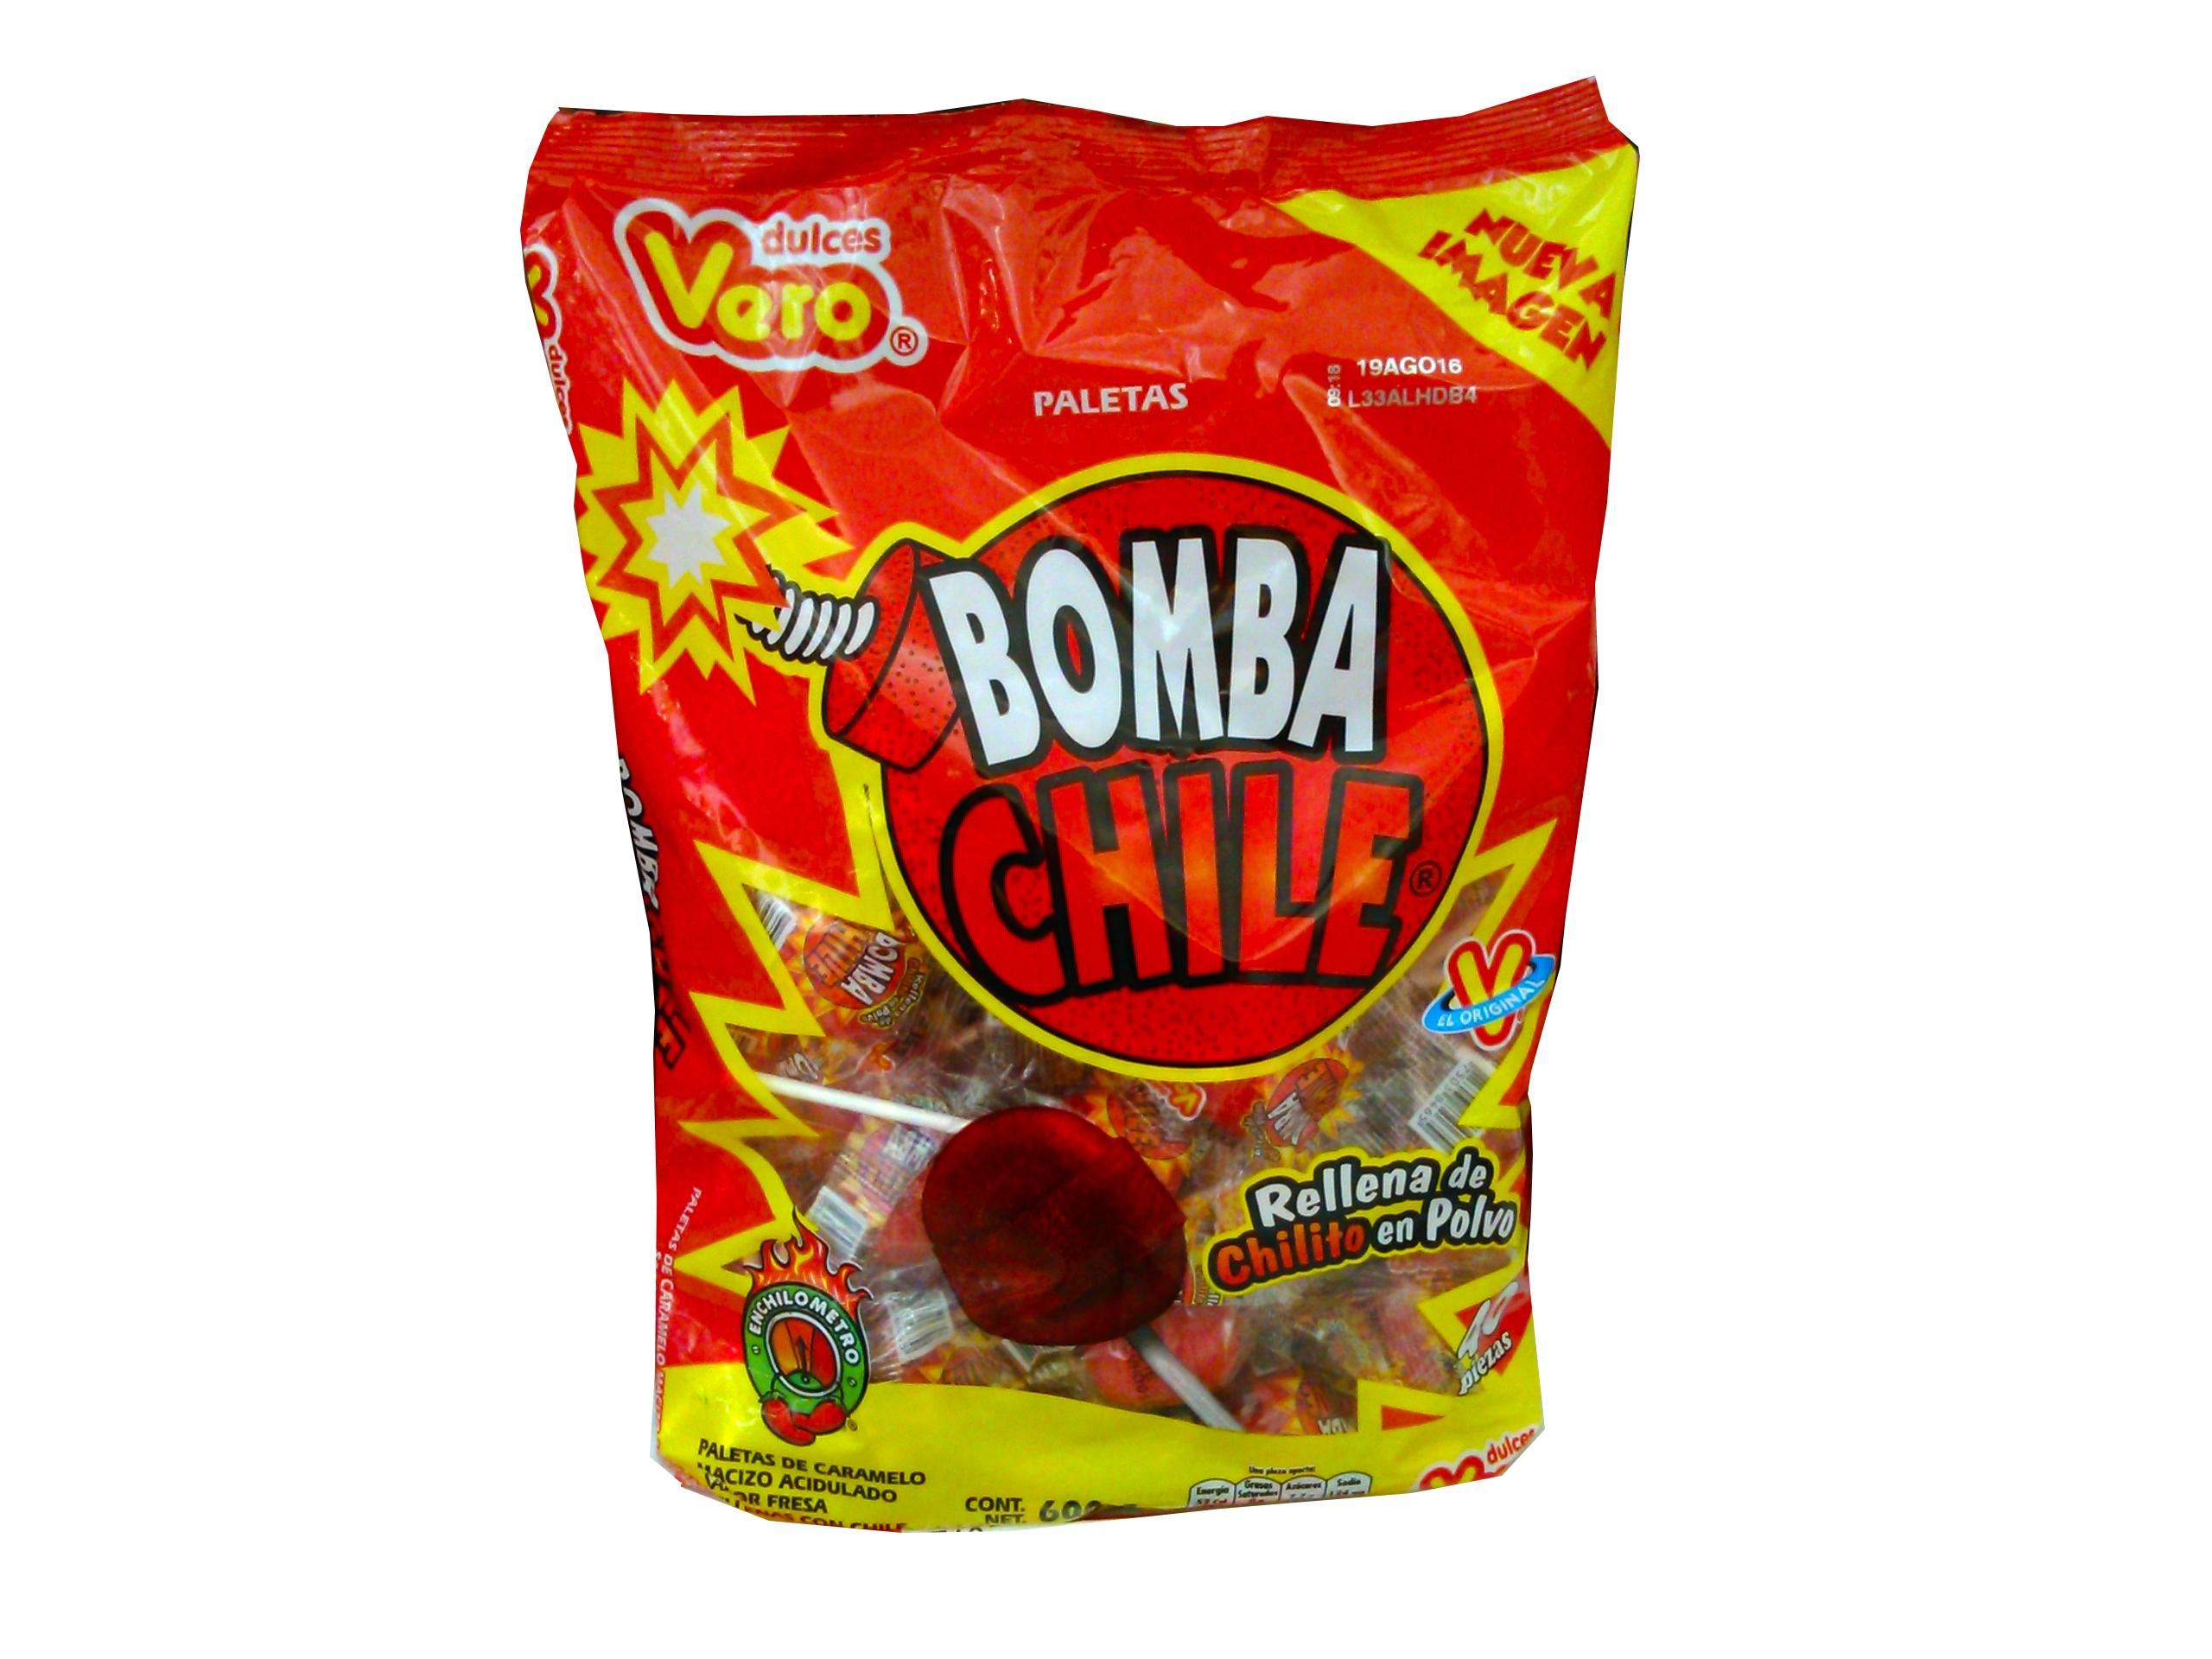 VERO  BOMBA DE CHILE